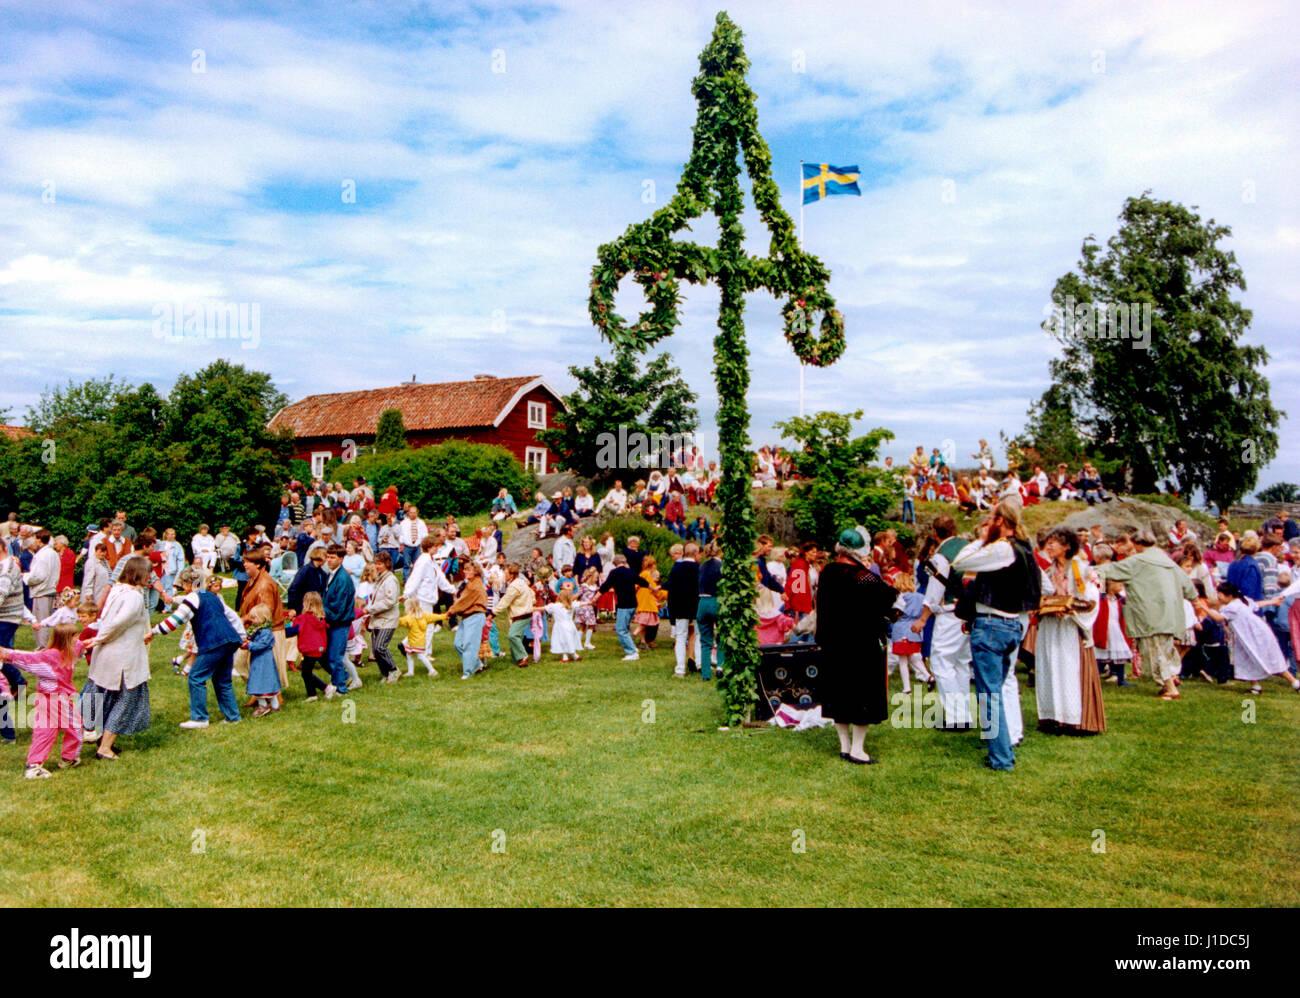 Fiestas de verano en Suecia Södermanland 2004 con obras de teatro y danza alrededor del polo Foto de stock